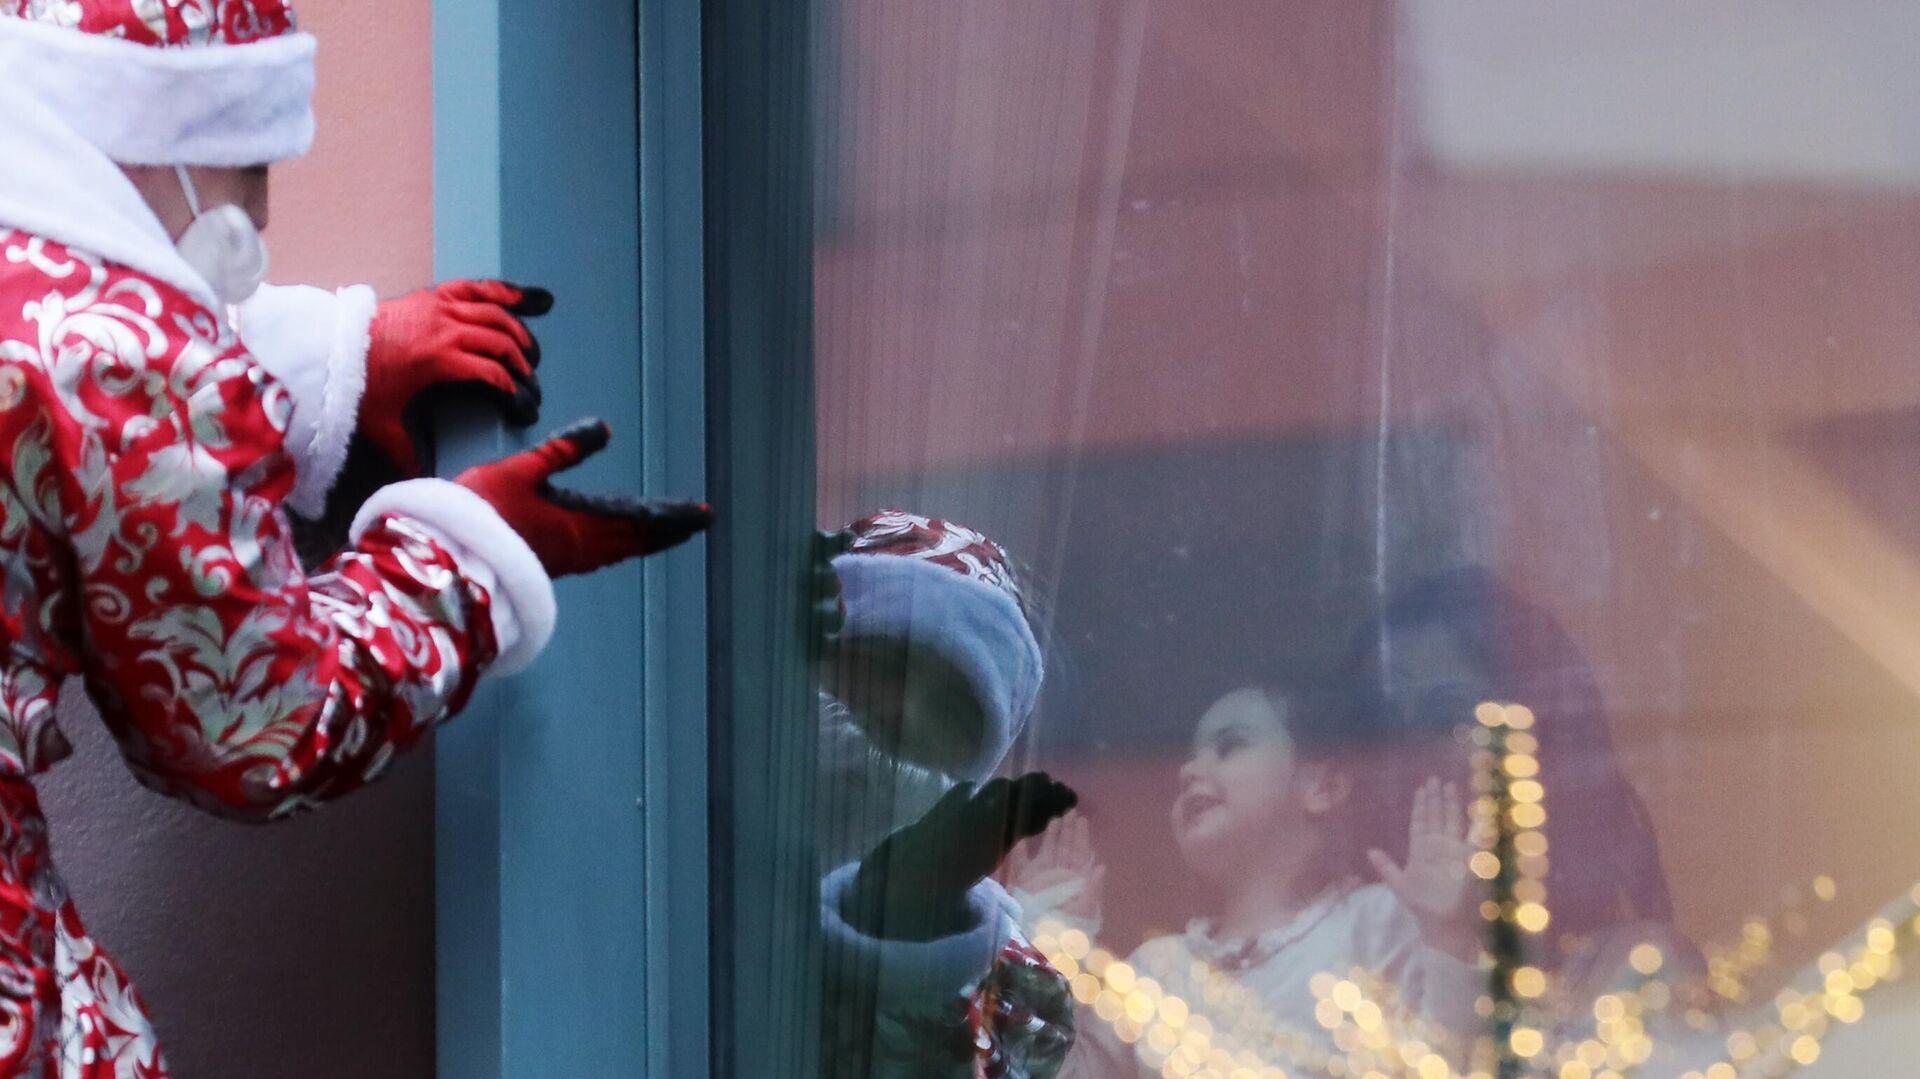 Сотрудник департамента по делам гражданской обороны, чрезвычайным ситуациям и пожарной безопасности города Москвы в костюме Деда Мороза поздравляет пациентов Морозовской детской больницы - РИА Новости, 1920, 11.11.2020